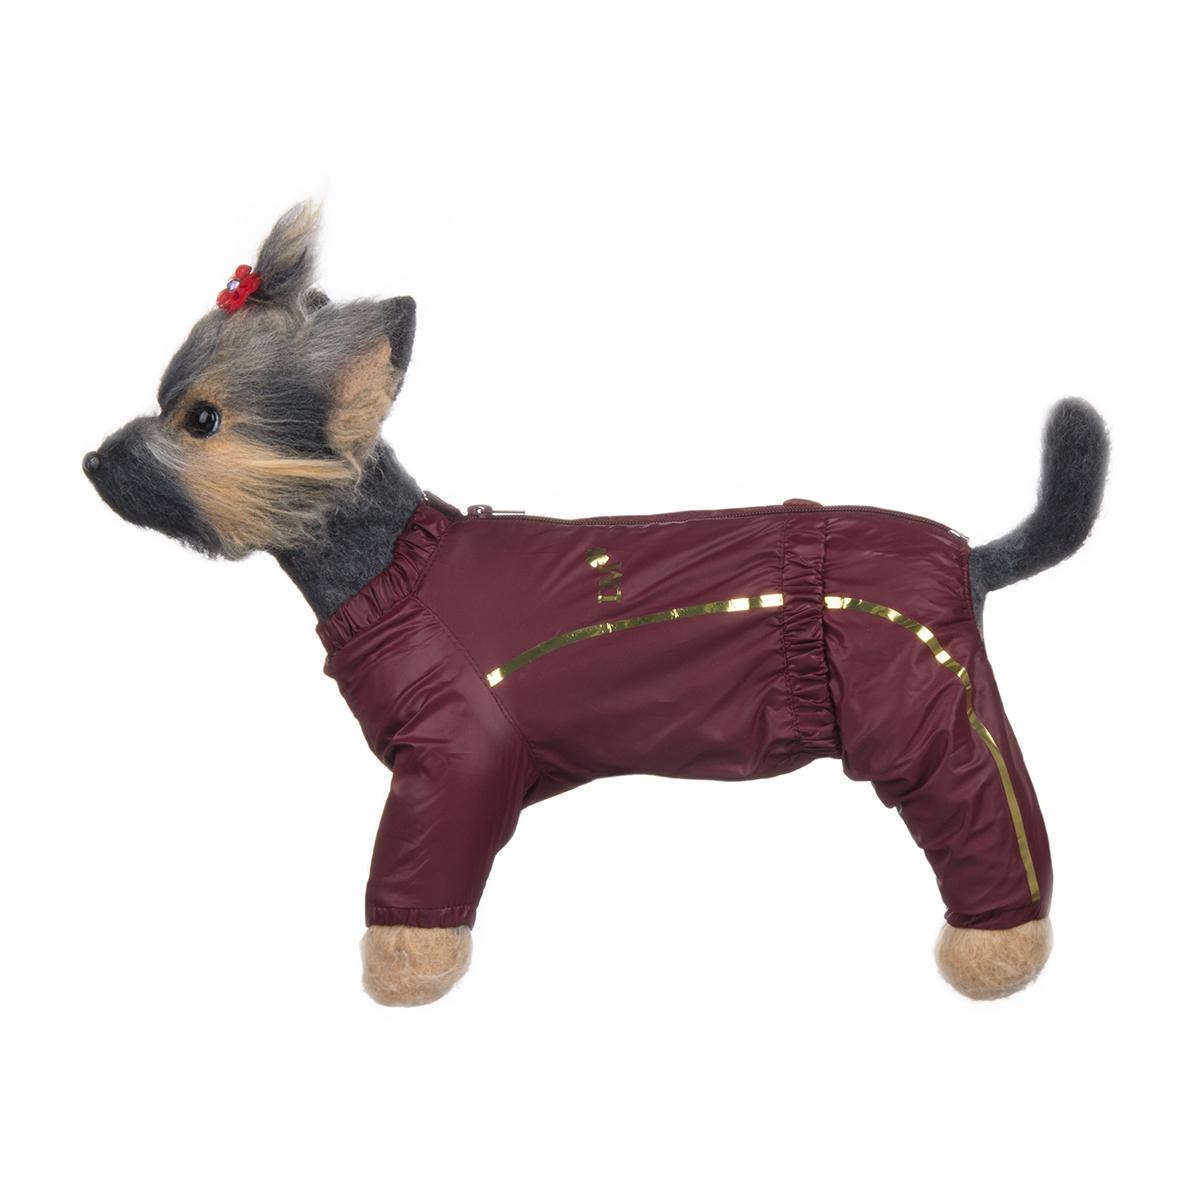 Комбинезон для собак Dogmoda Альпы, для девочки, цвет: бордовый. Размер 4 (XL)DM-150325-4Комбинезон для собак Dogmoda Альпы отлично подойдет для прогулок поздней осенью или ранней весной. Комбинезон изготовлен из полиэстера, защищающего от ветра и осадков, с подкладкой из флиса, которая сохранит тепло и обеспечит отличный воздухообмен. Комбинезон застегивается на молнию и липучку, благодаря чему его легко надевать и снимать. Ворот, низ рукавов и брючин оснащены внутренними резинками, которые мягко обхватывают шею и лапки, не позволяя просачиваться холодному воздуху. На пояснице имеется внутренняя резинка. Изделие декорировано золотистыми полосками и надписью DM. Благодаря такому комбинезону простуда не грозит вашему питомцу и он не даст любимцу продрогнуть на прогулке.